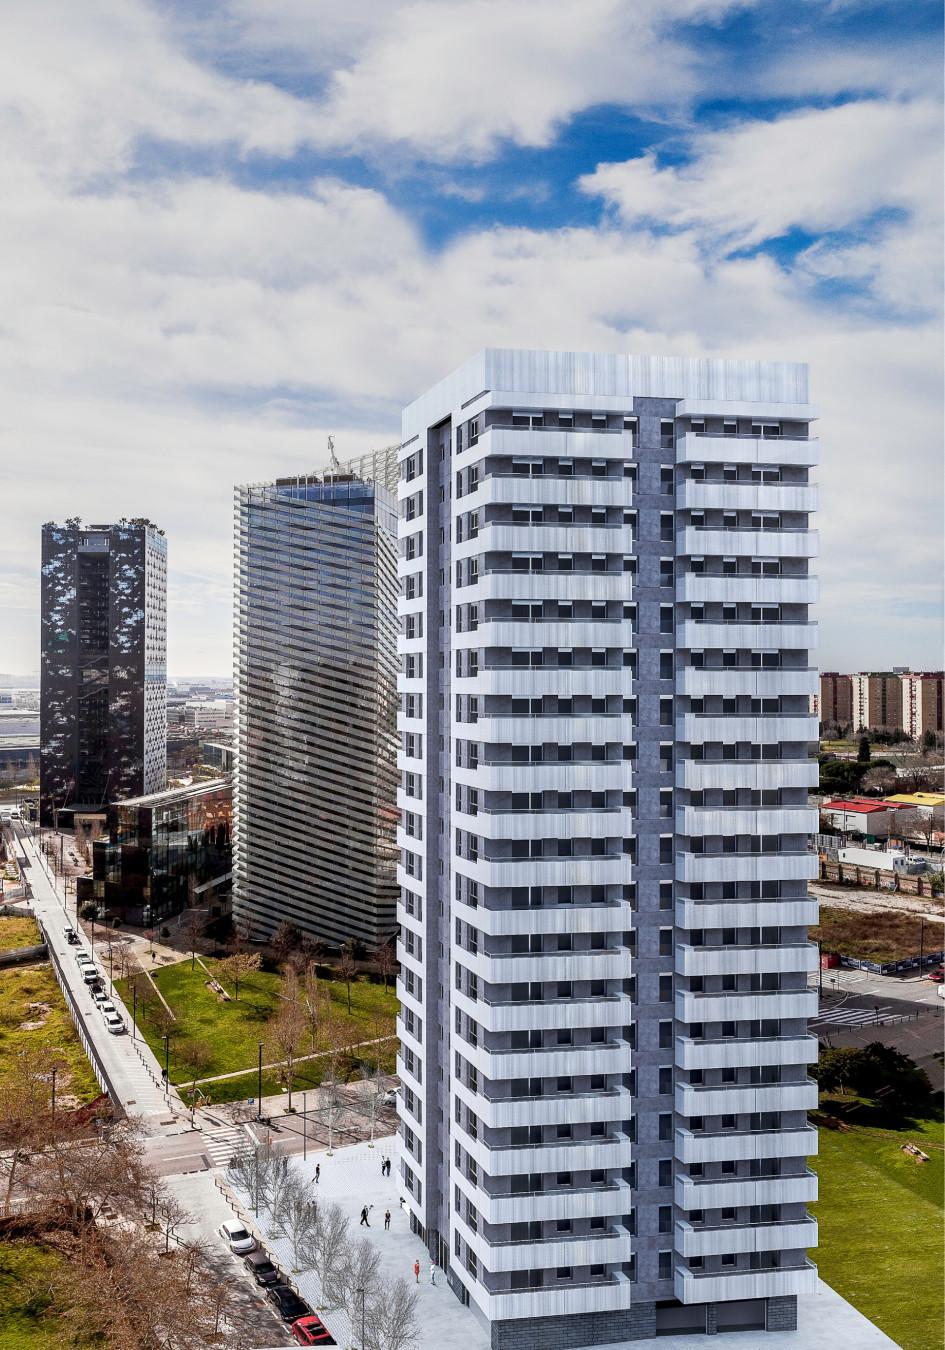 Жилой 19-этажный дом находится в 25 минутах от центра Барселоны, в L´Hospitalet de Llobregat (это район развивается бурными темпами). На каждом этаже дома— по пять квартир. Цена— на 7–12% ниже, чем в центре Барселоны, при приблизительно равных площади и времени доступа в различные точки города. Объект уже сдан